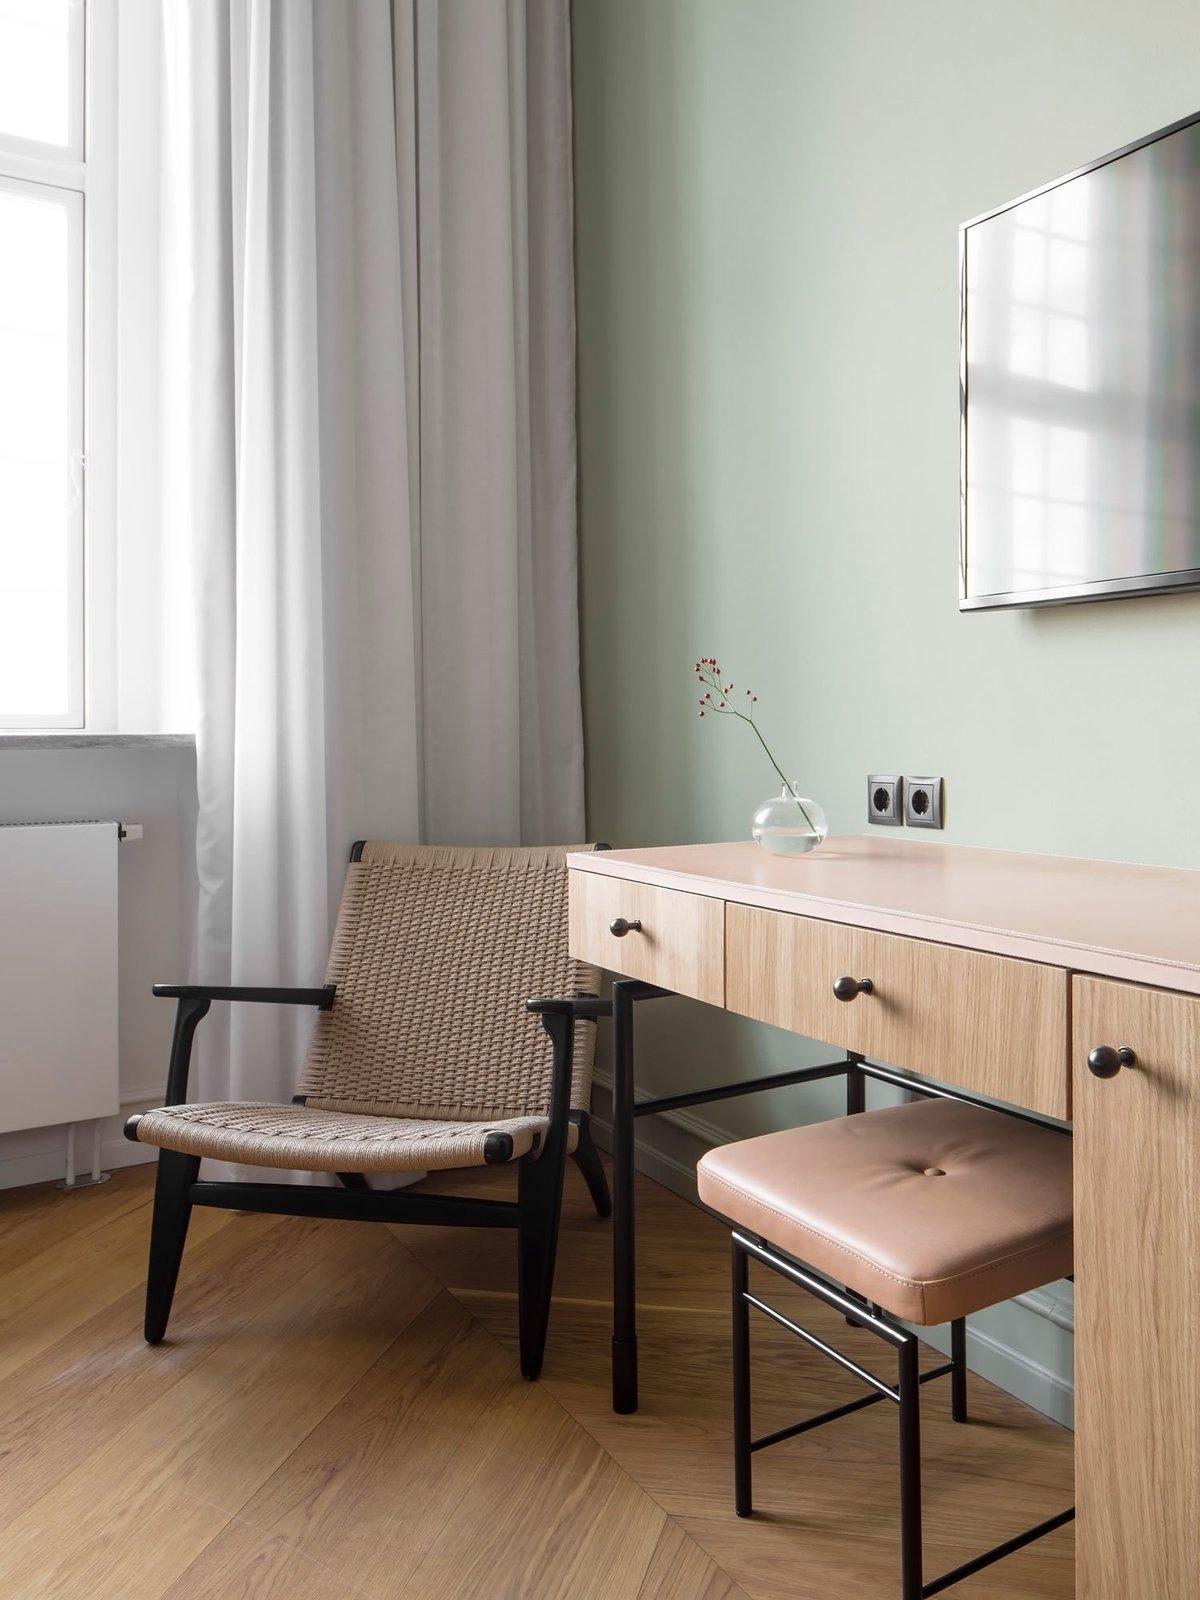 Bedroom, Chair, and Medium Hardwood Floor  Nobis Hotel Copenhagen